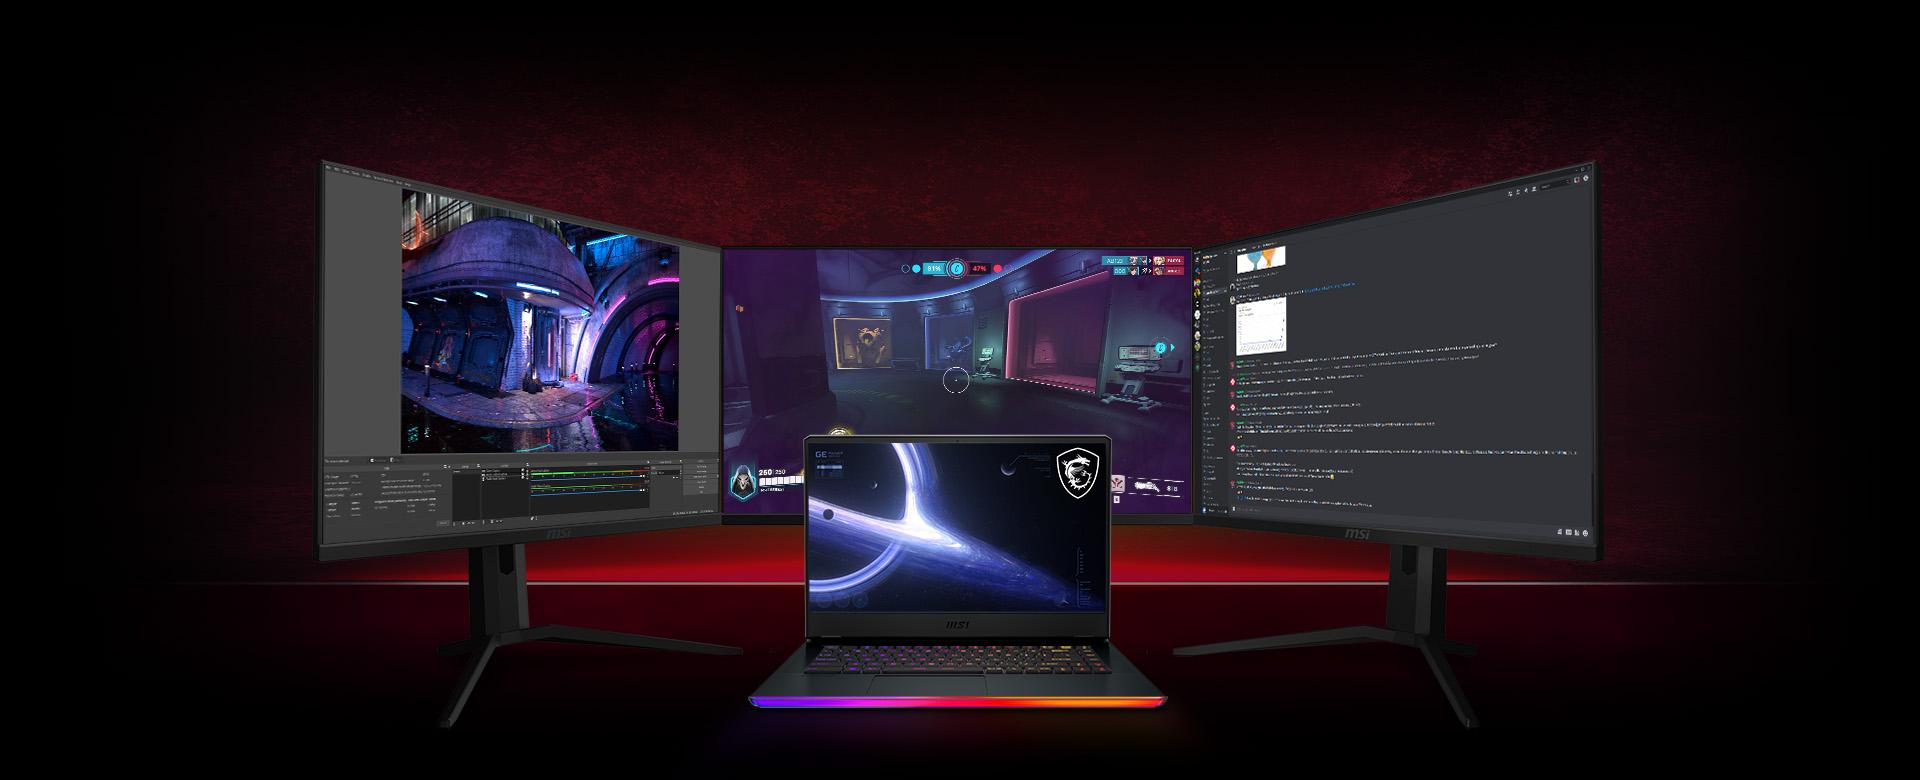 MSI ge - Matrix Display